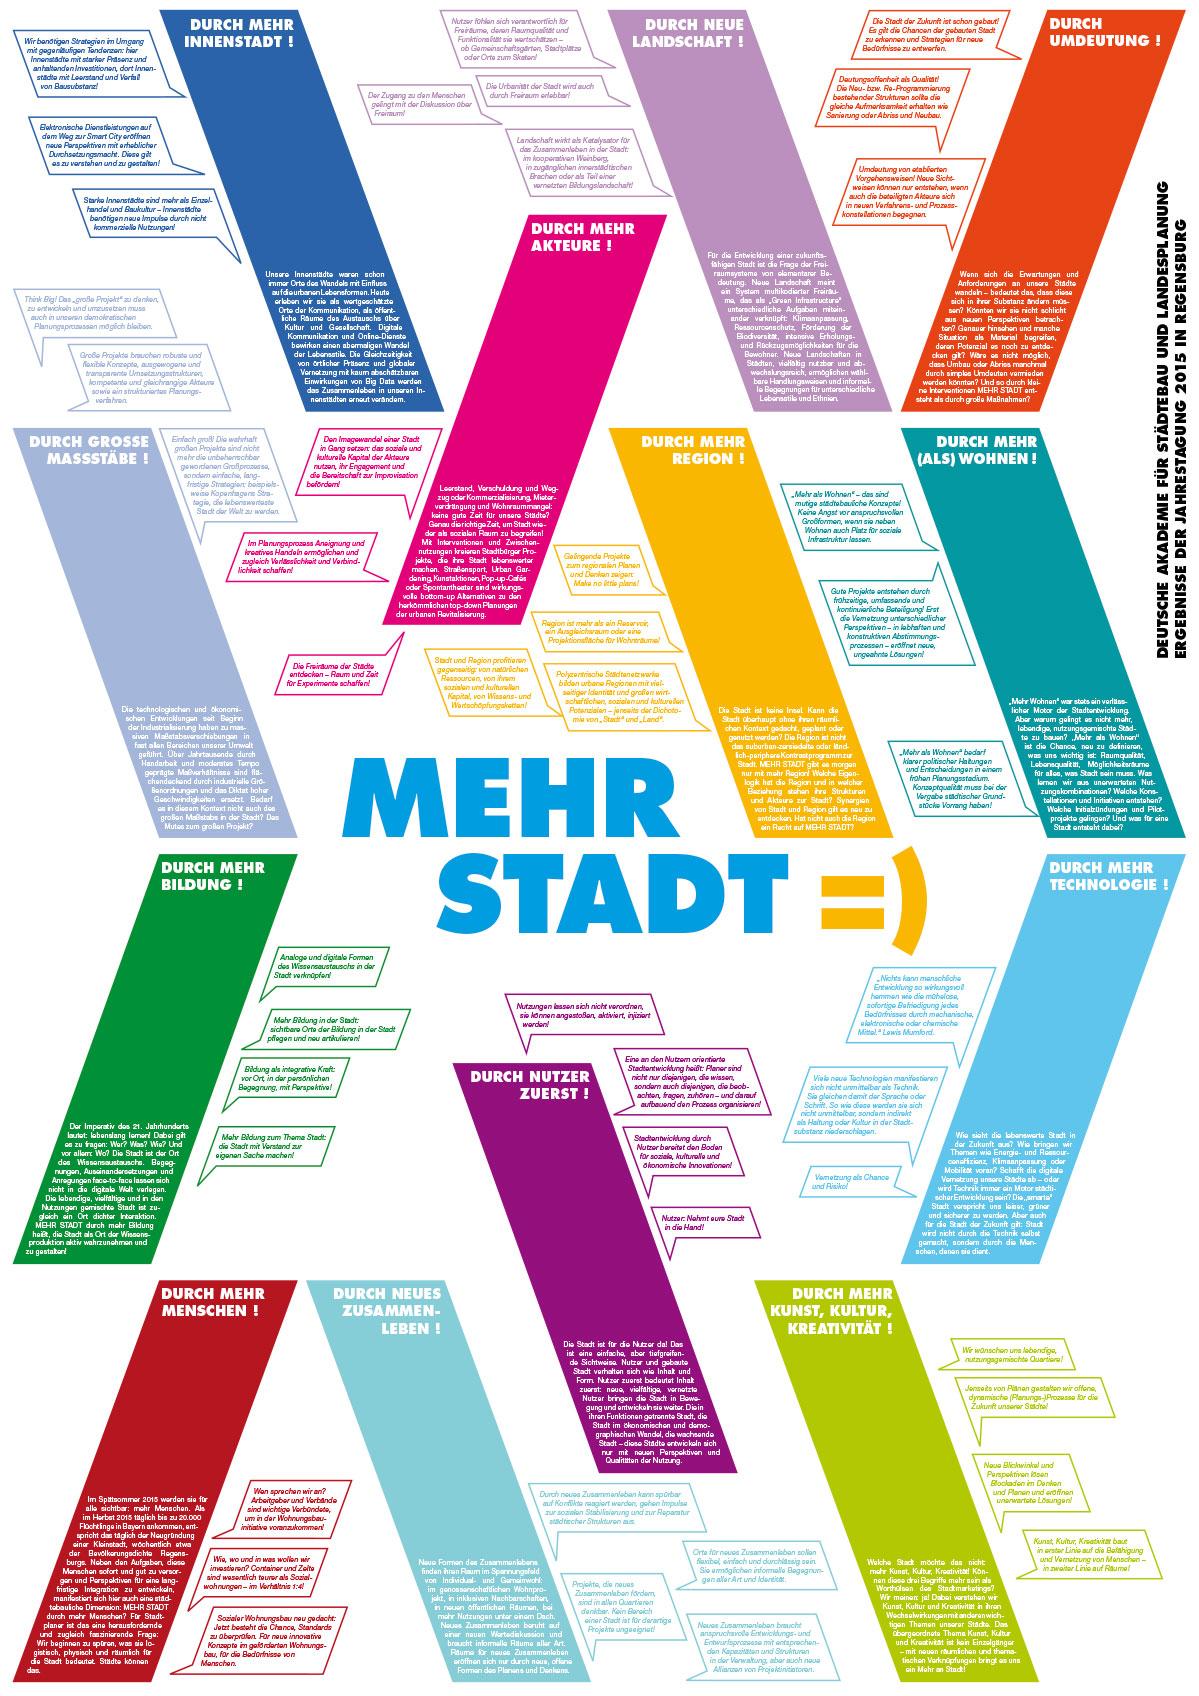 Mehr-Stadt-DASL-2016-1.jpg